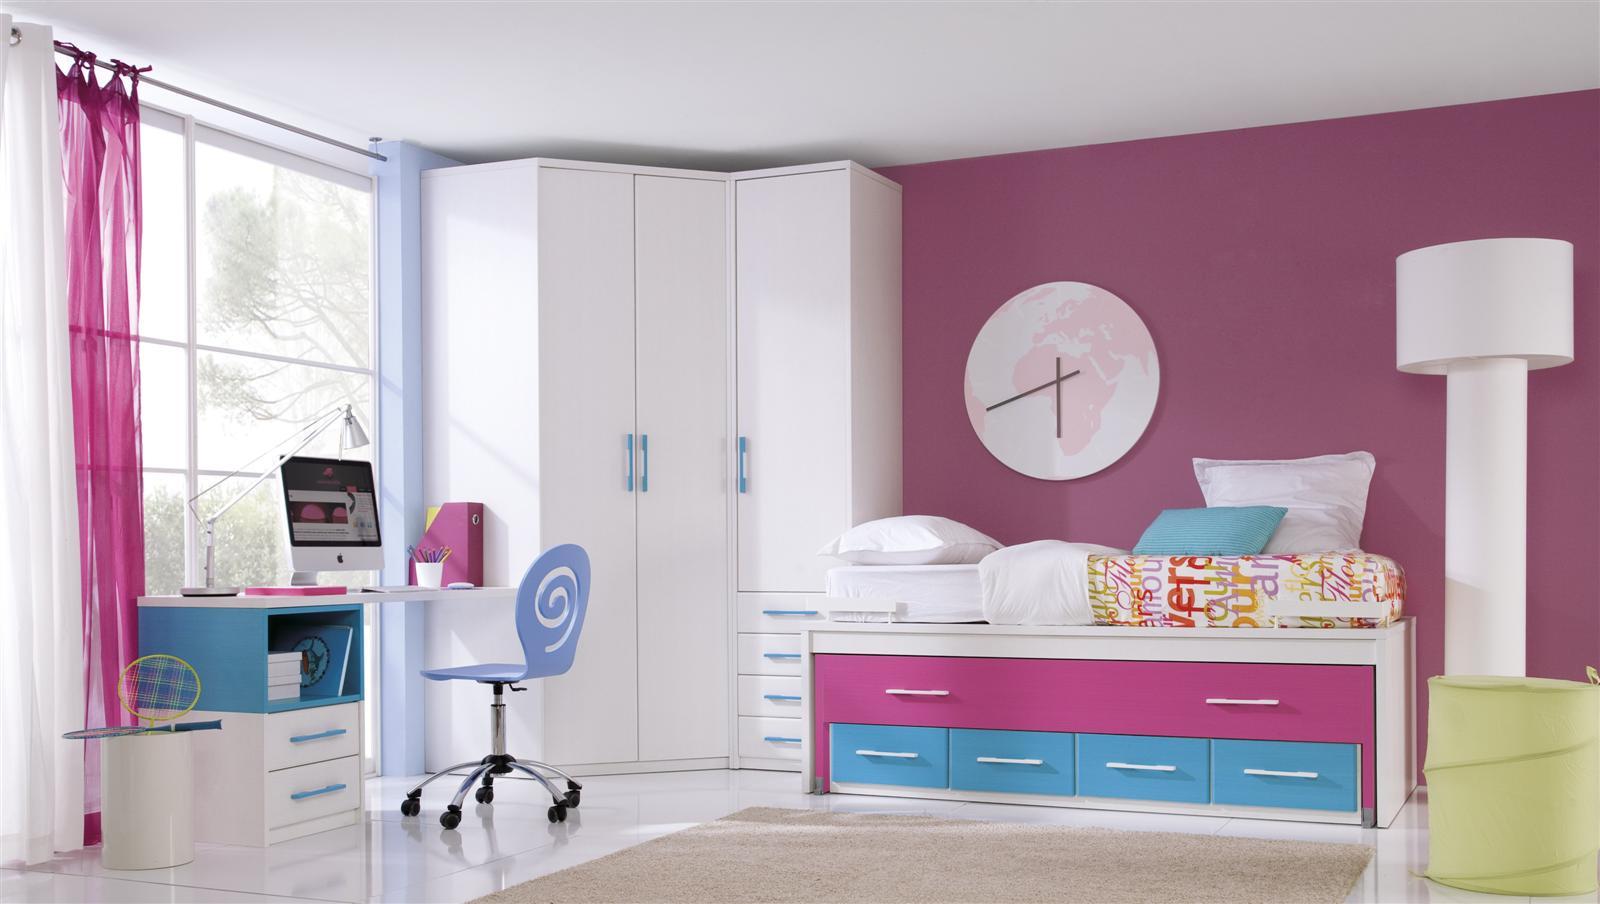 Psicolog a del color para decorar habitaciones infantiles - Dormitorio infantil segunda mano ...